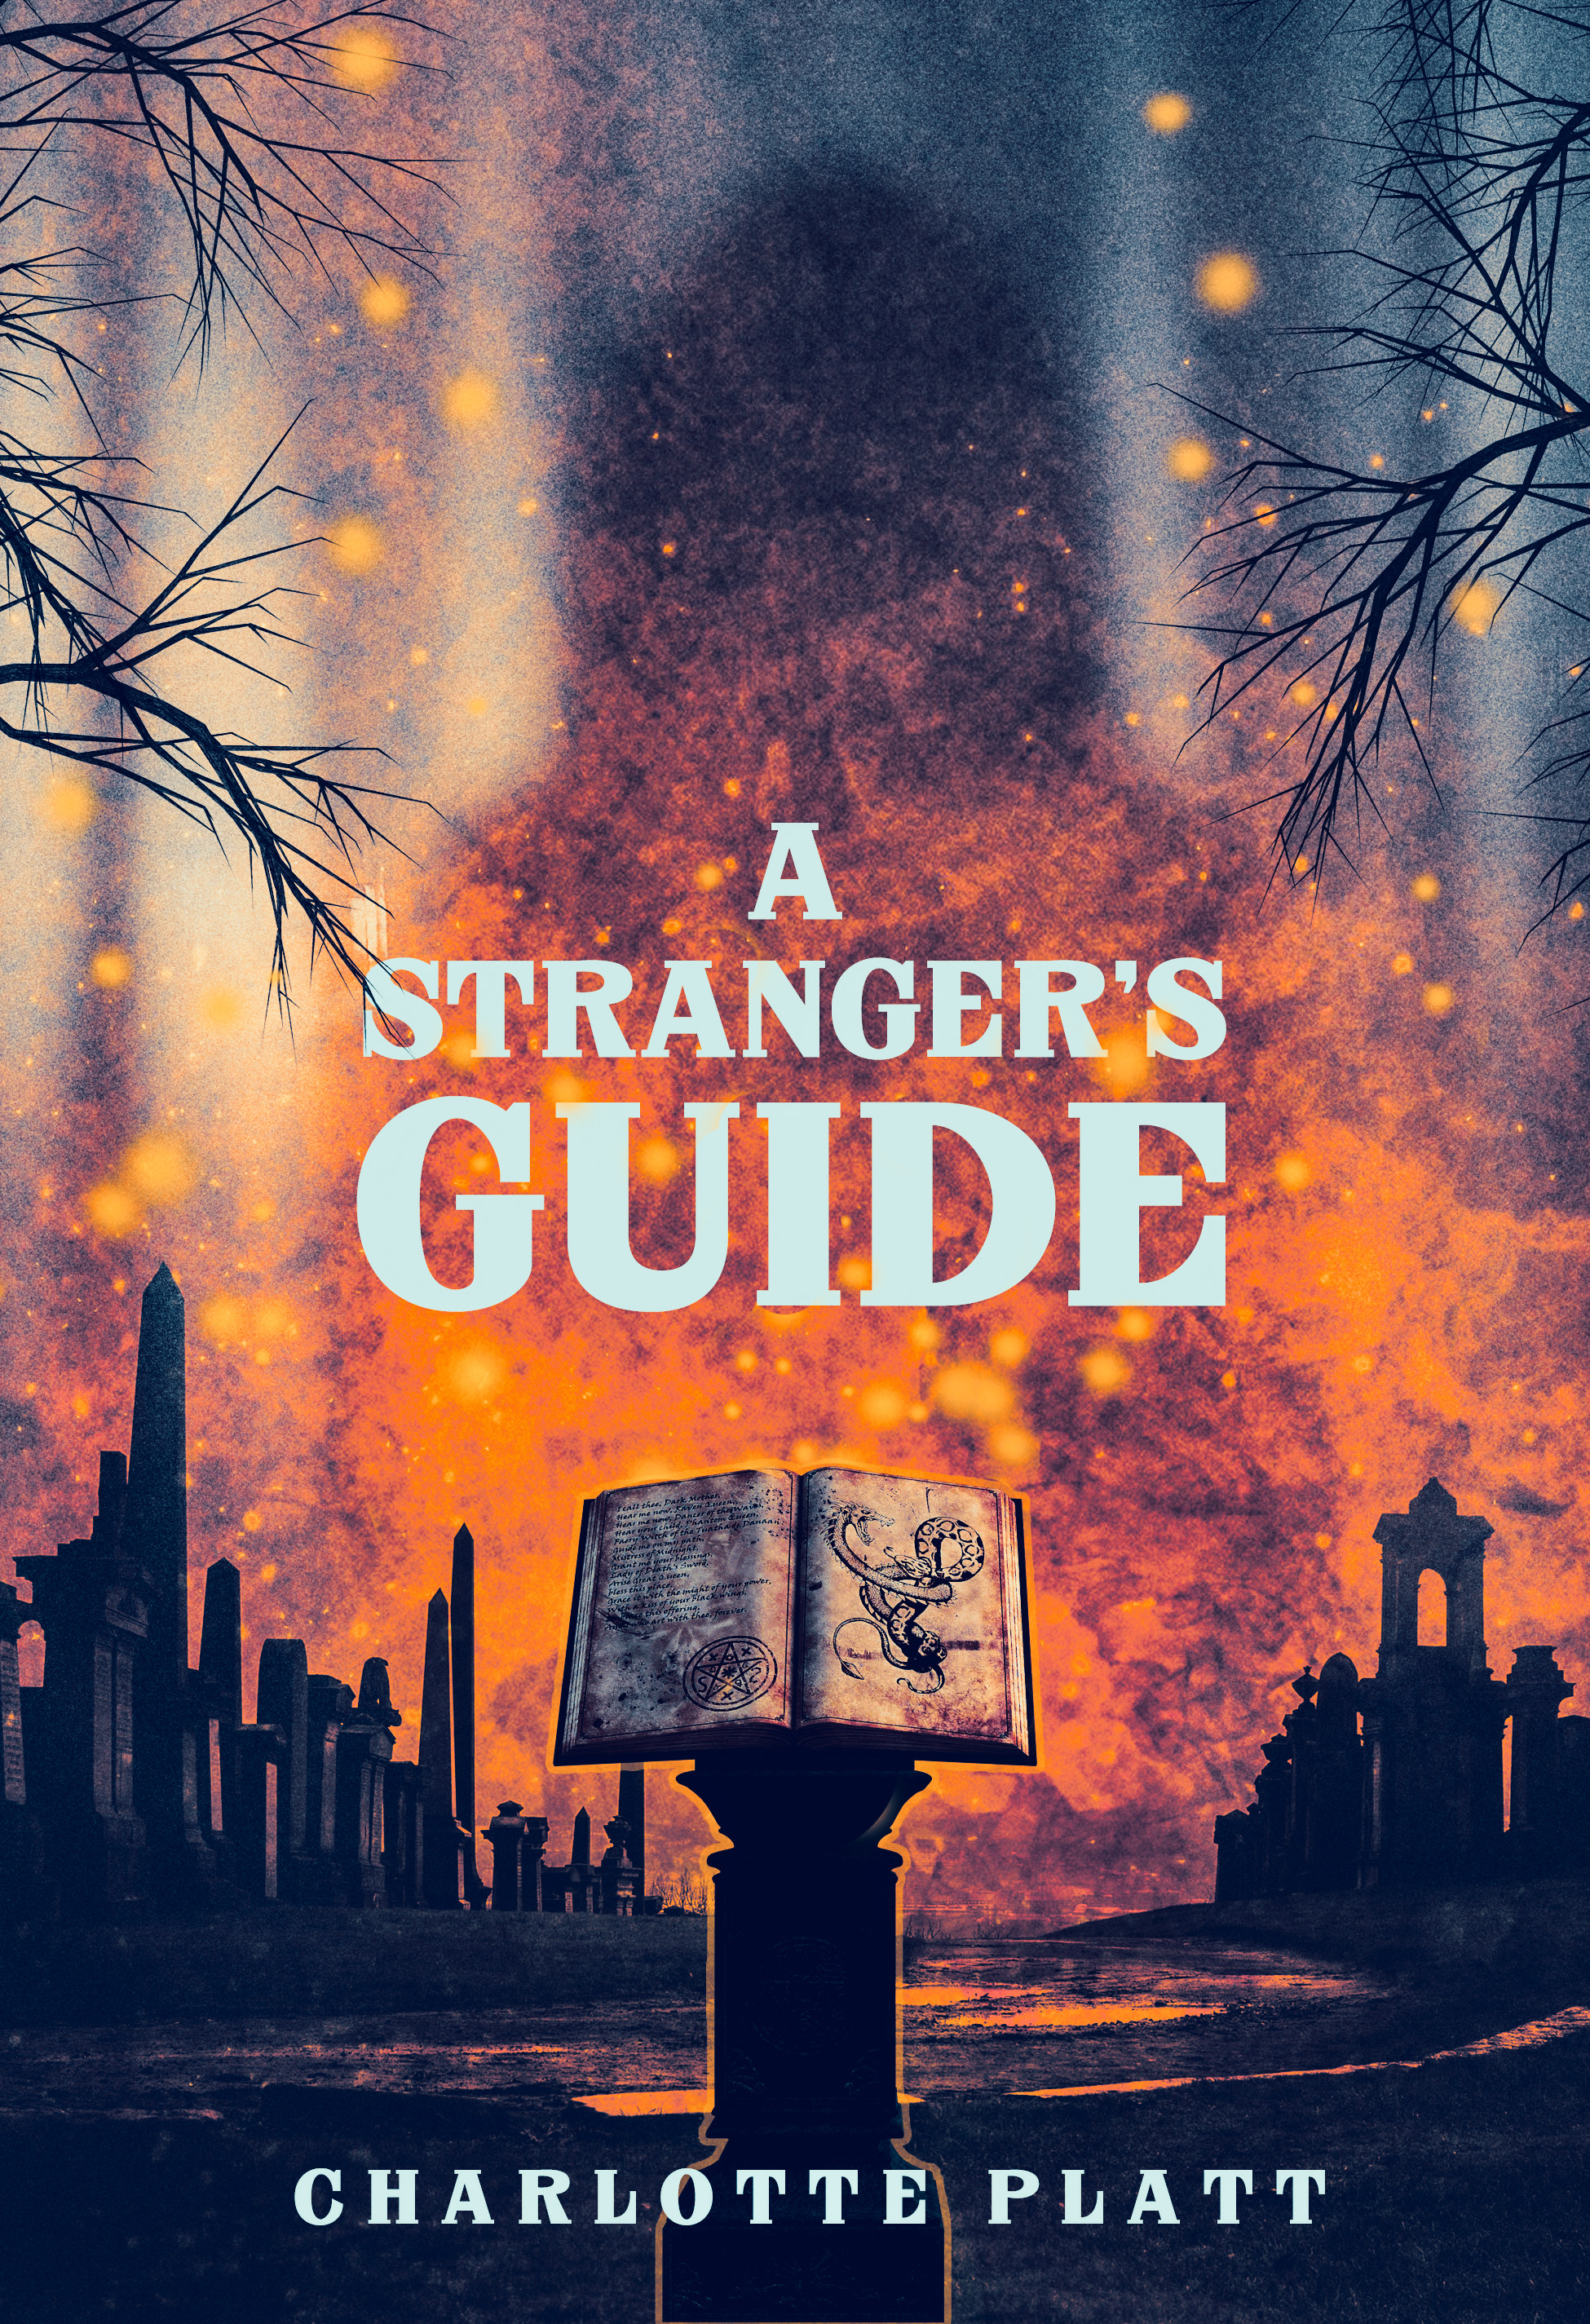 A stranger's guide   digital